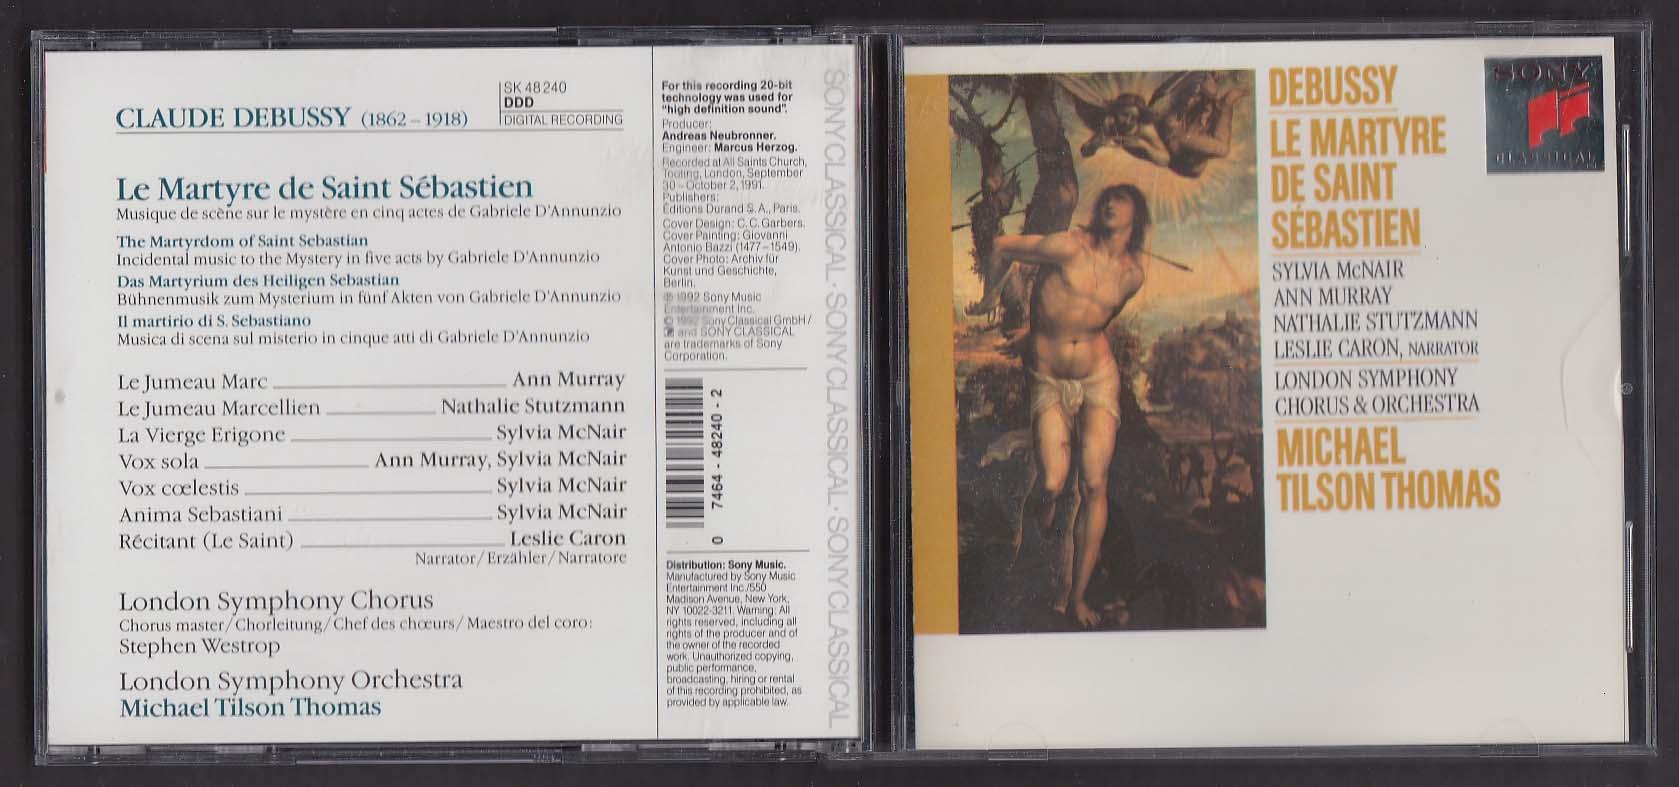 Debussy: Le Martyre de Saint Sebastien Tilson Thomas SK 48240 Sony CD 1992